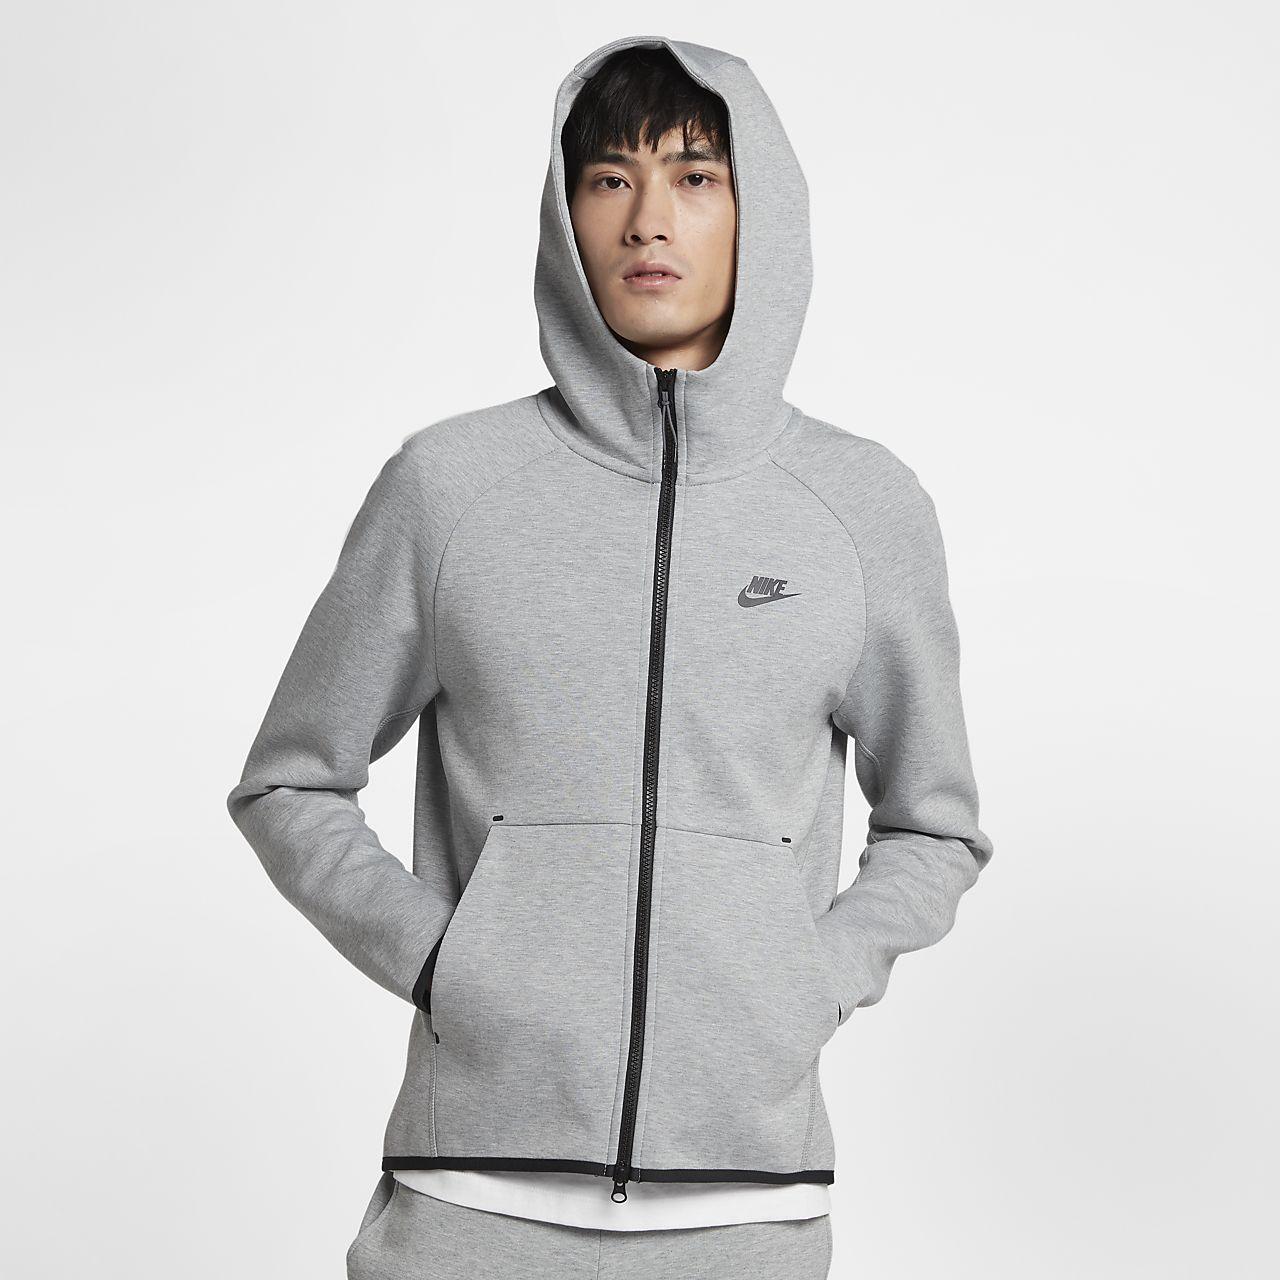 c15ac47c871fd7 ... Felpa con cappuccio e zip a tutta lunghezza Nike Sportswear Tech Fleece  - Uomo